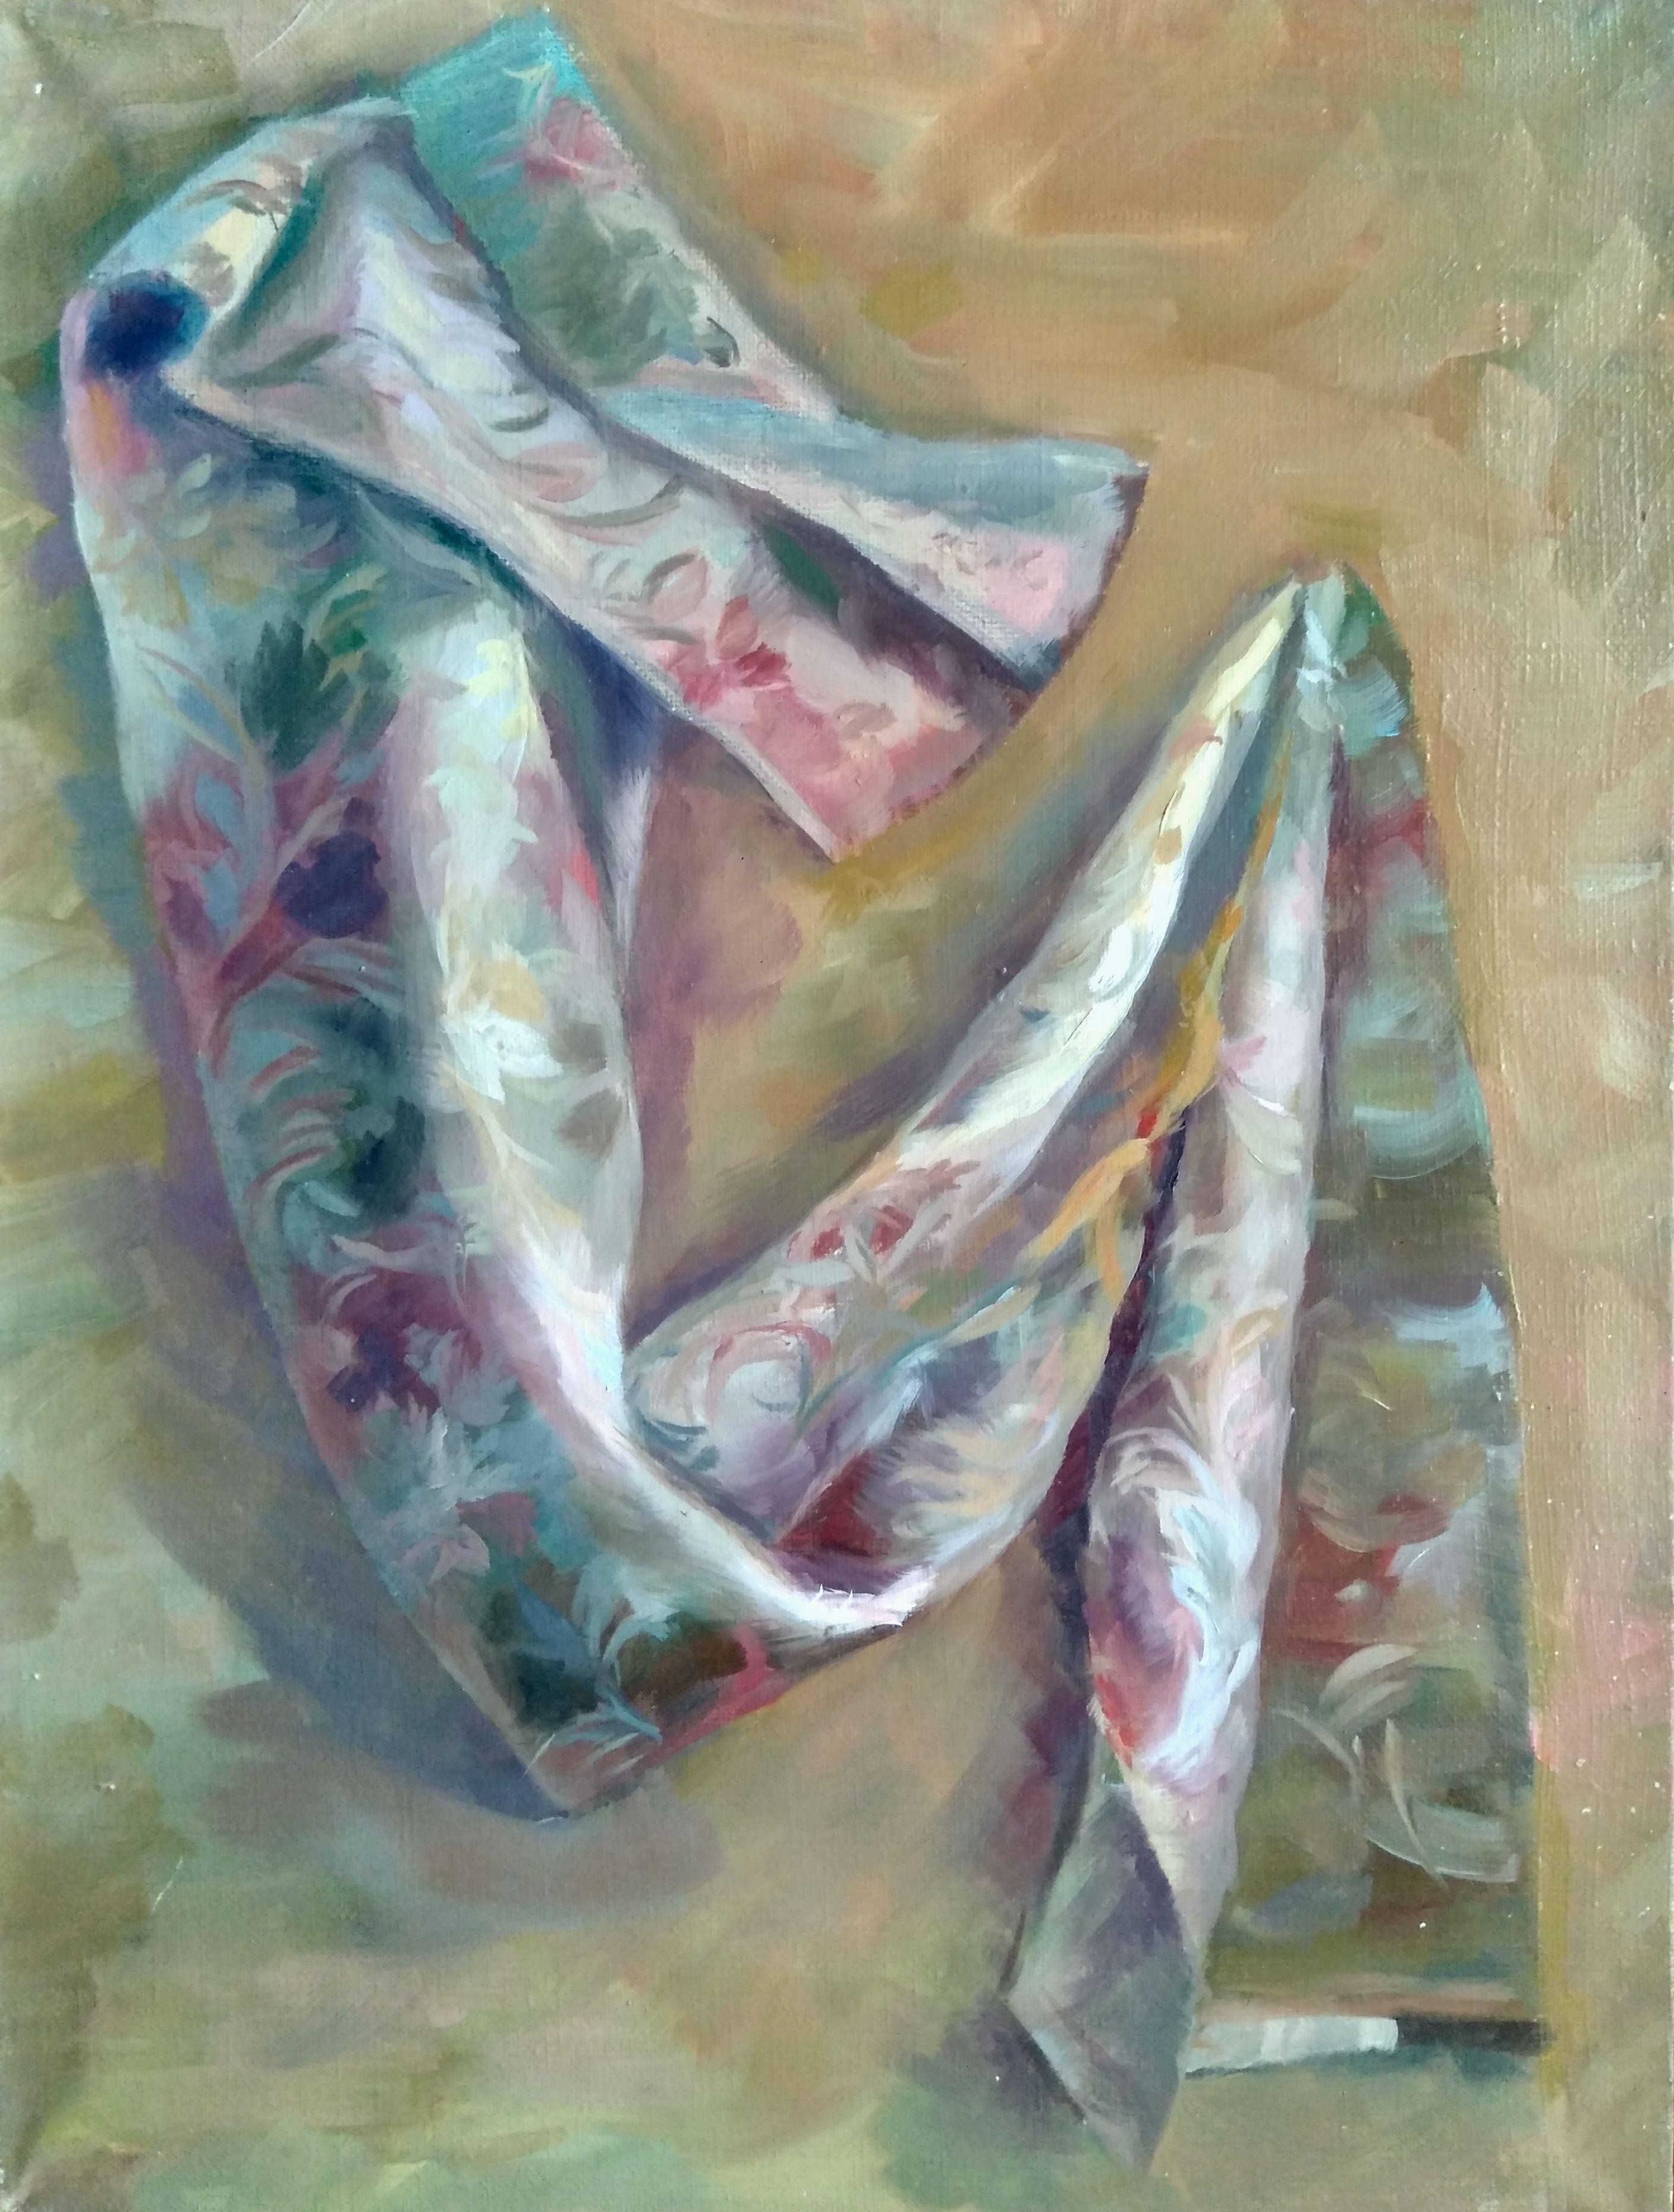 драпировка холстнаподрамнике льняной красота тепло живопись холст хаки ткань картина